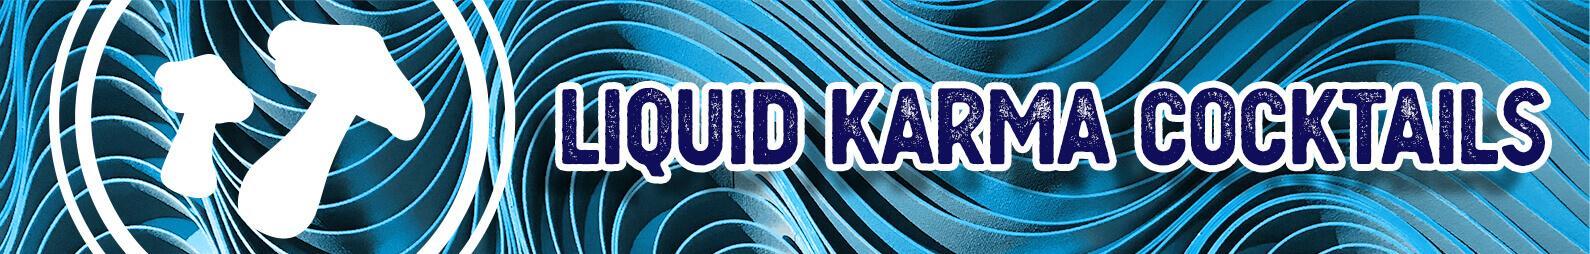 Liquid Karma Cocktails Image